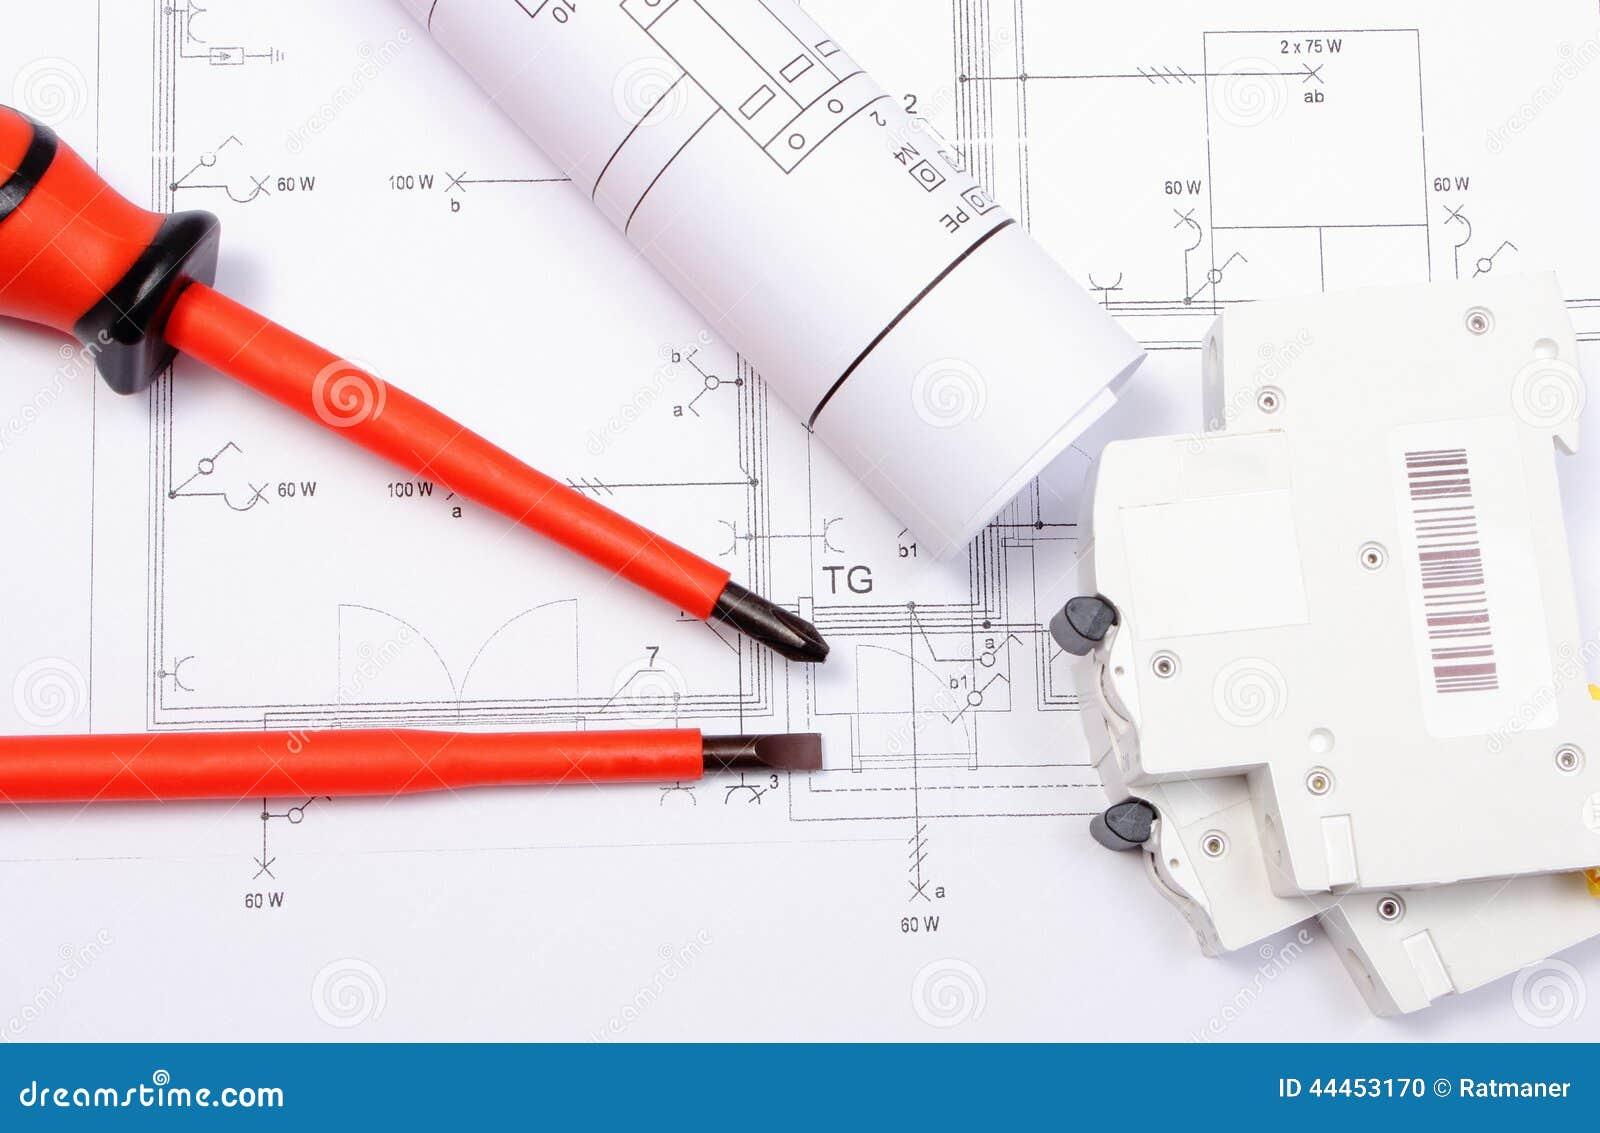 thumbs.dreamstime.com/z/diagrammes-électriques-fusible-électrique-et-tournevis-sur-le-dessin-de-construction-de-la-maison-44453170